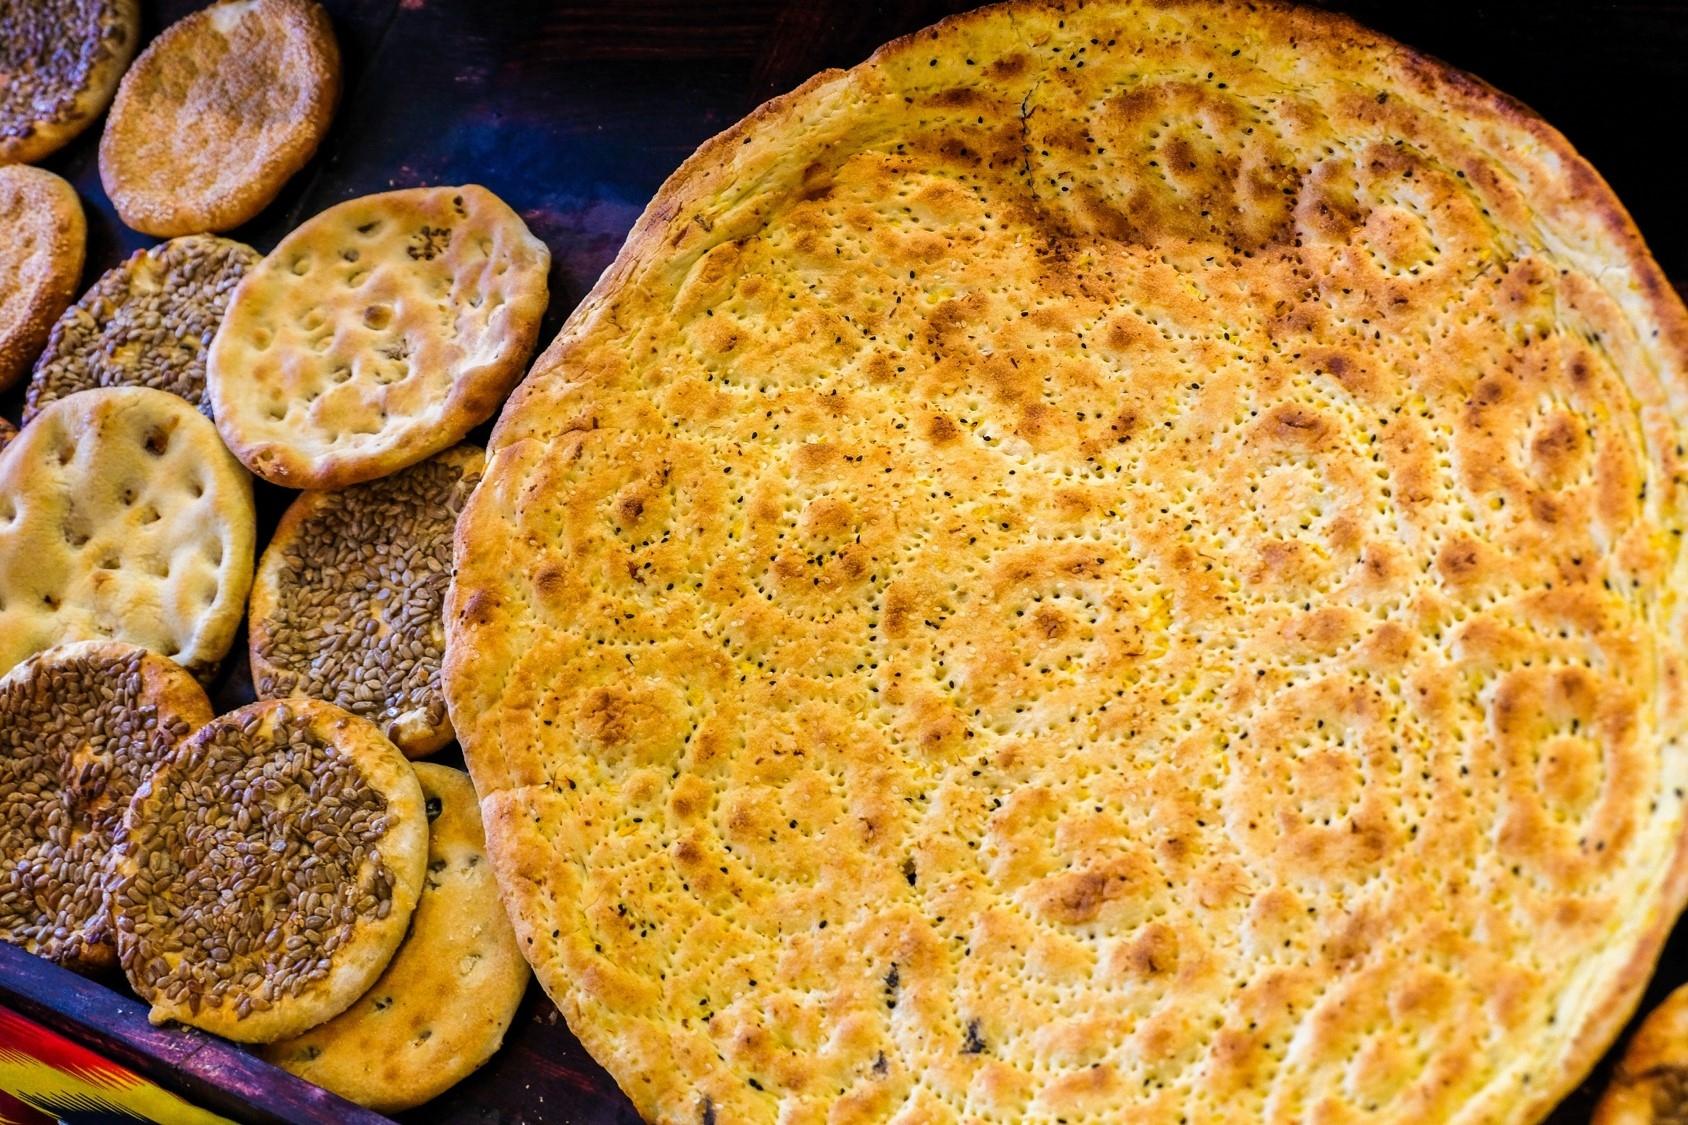 饢餅因容易保存、攜帶方便,一直是牧民喜愛的主食,更是新疆代表性的美食。